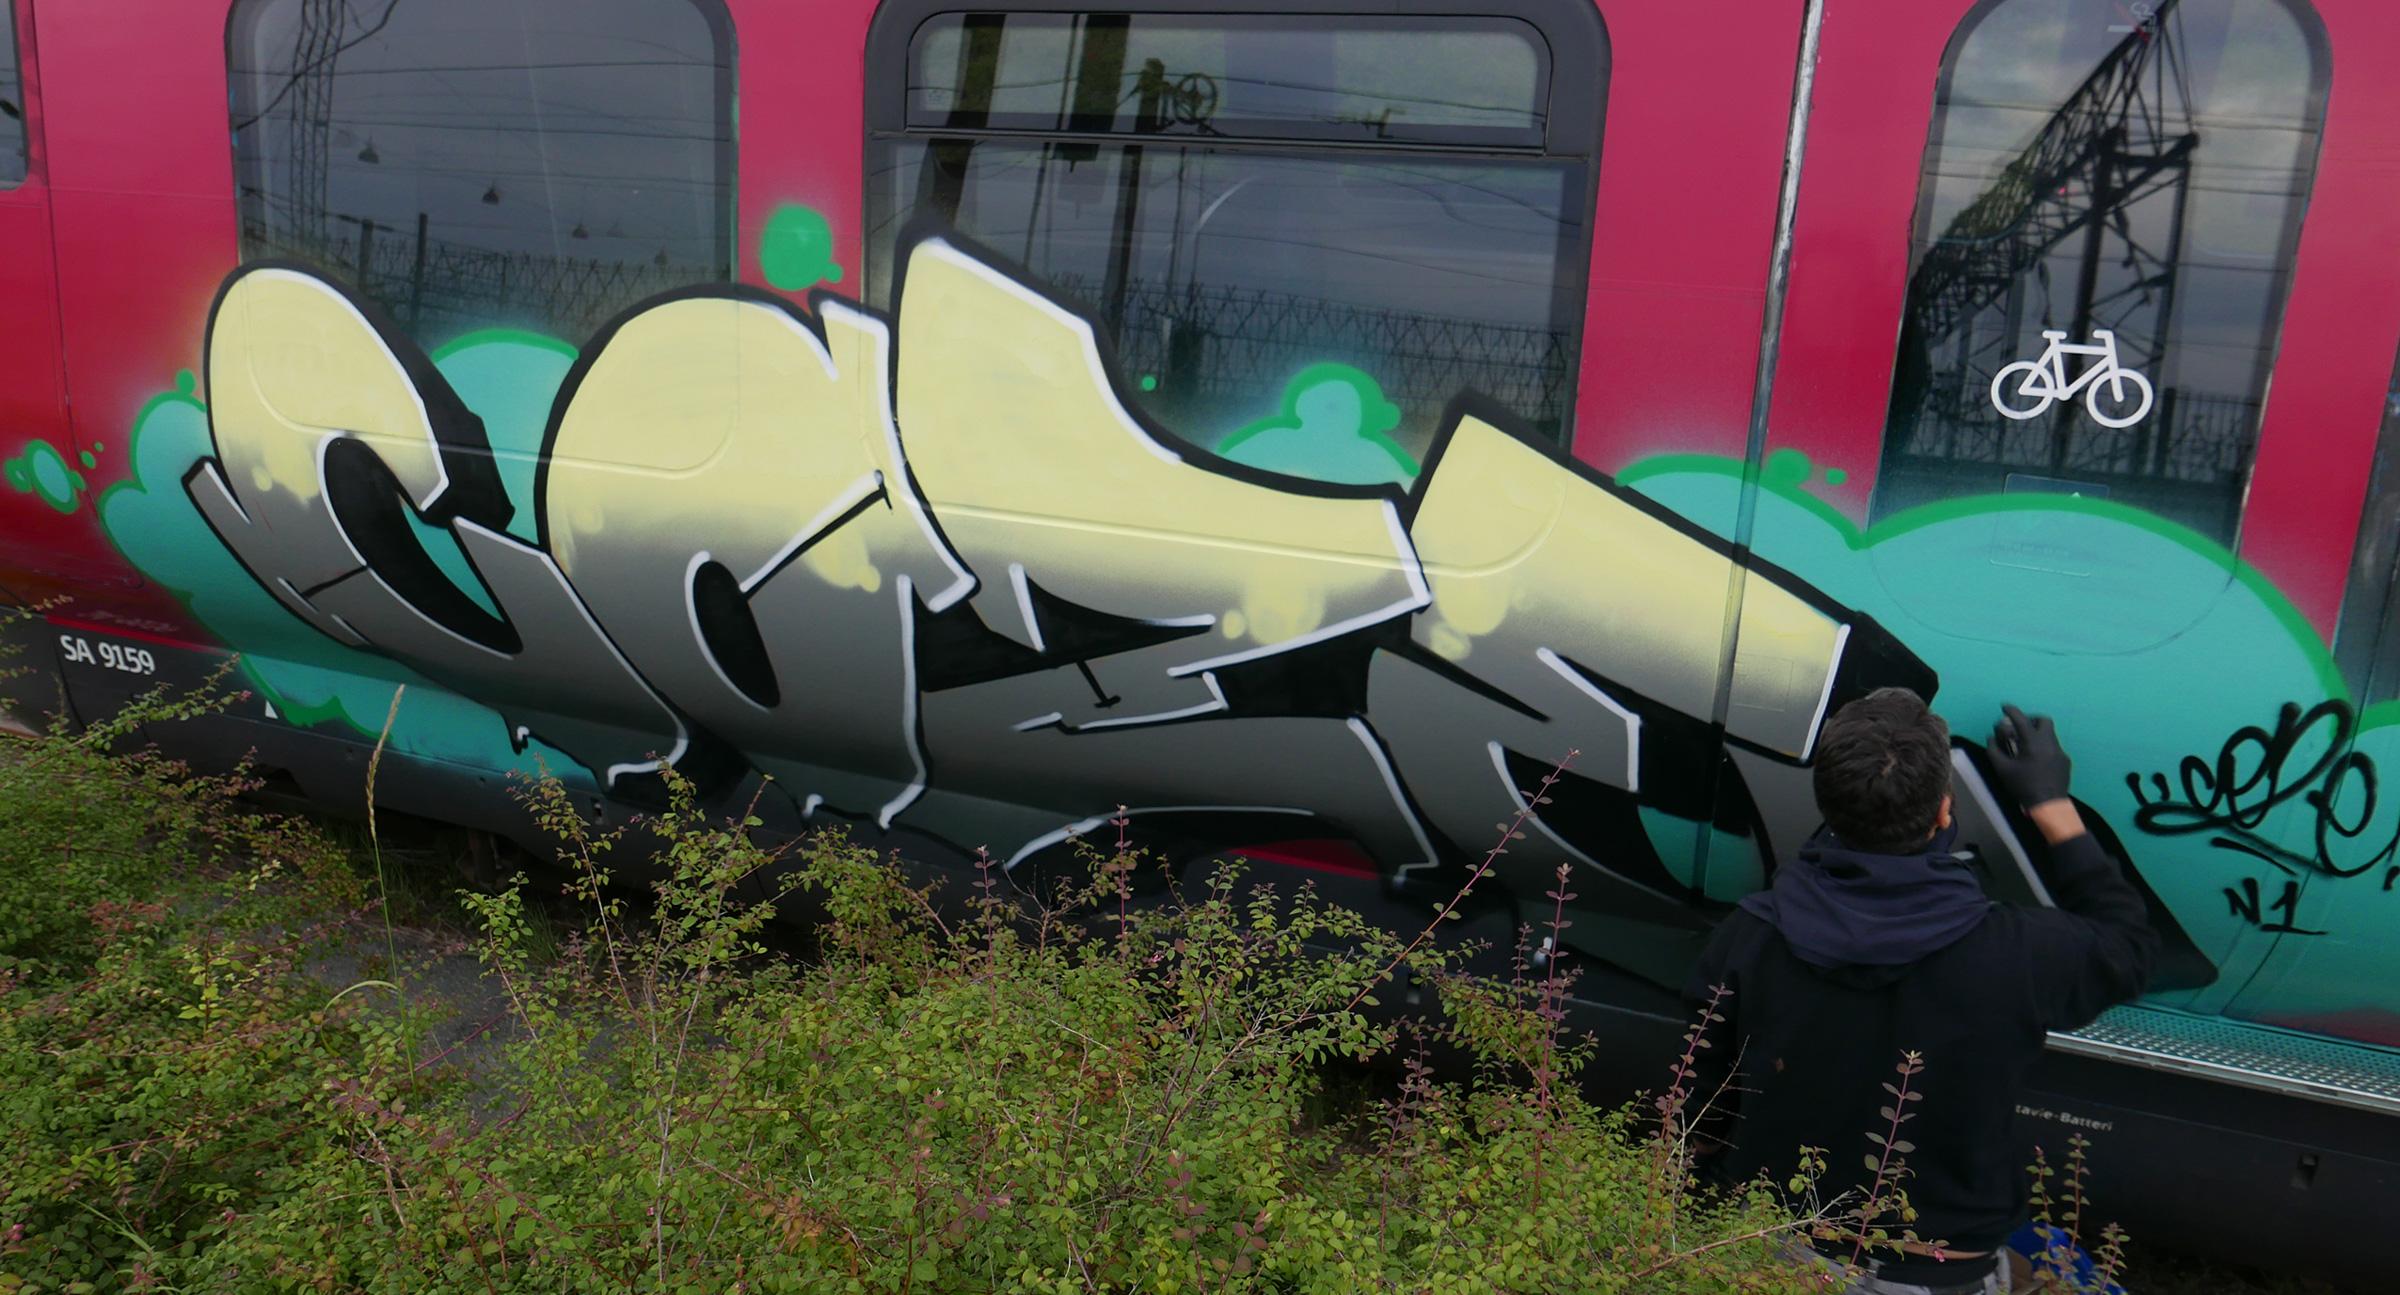 Pannello di Coze - Graffiti treno